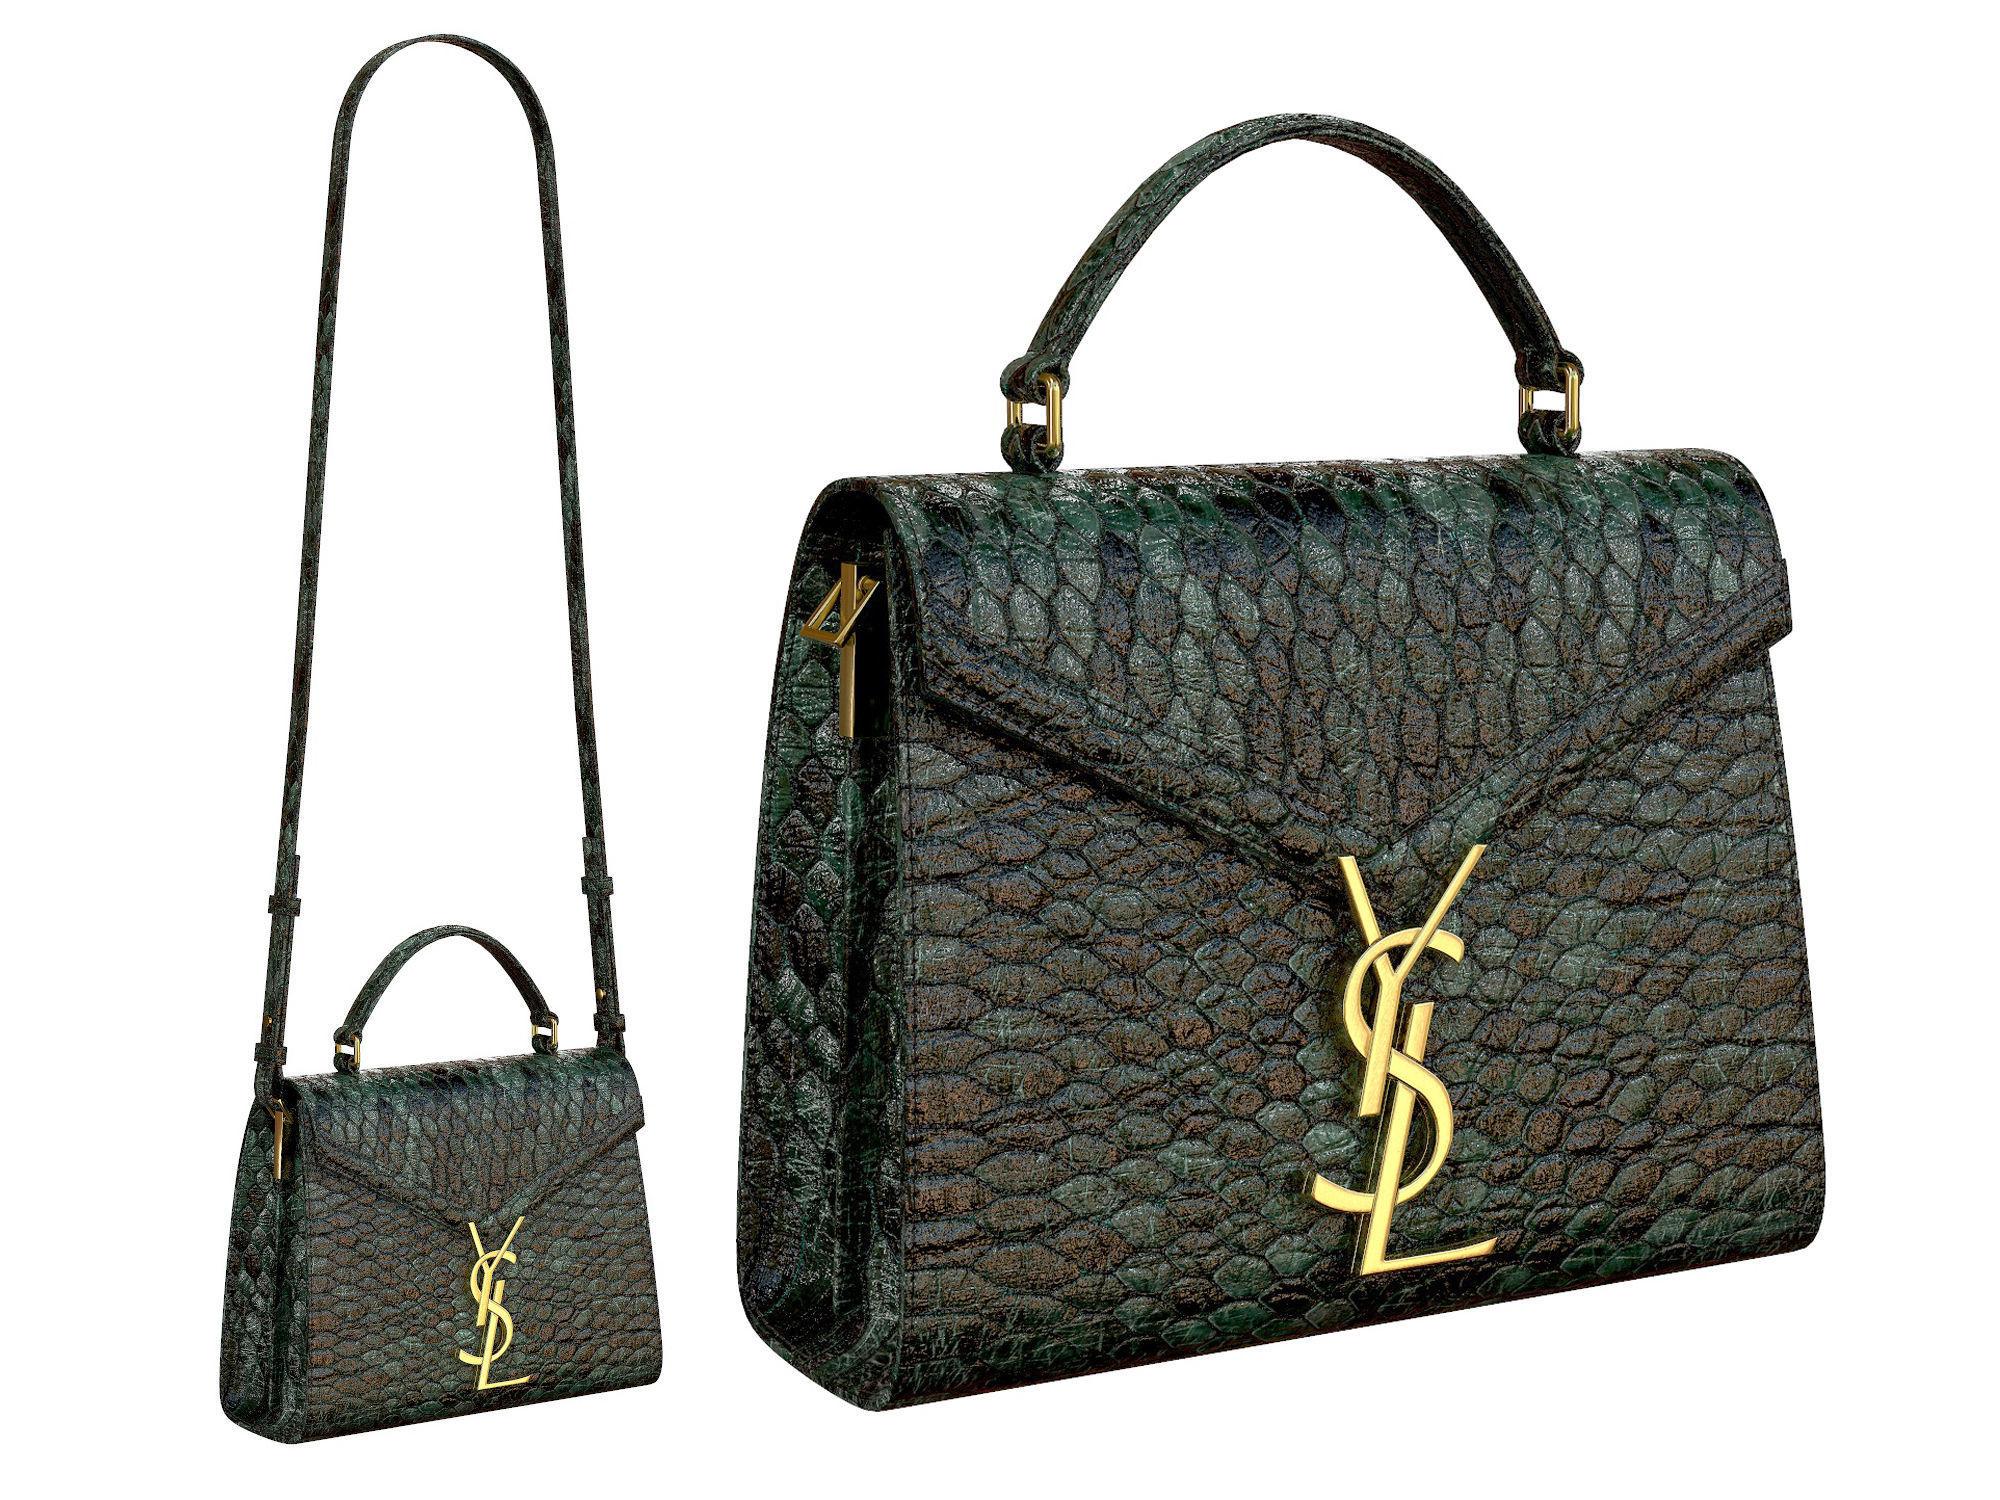 YSL Saint Laurent Cassandra Mini Top Bag Snake